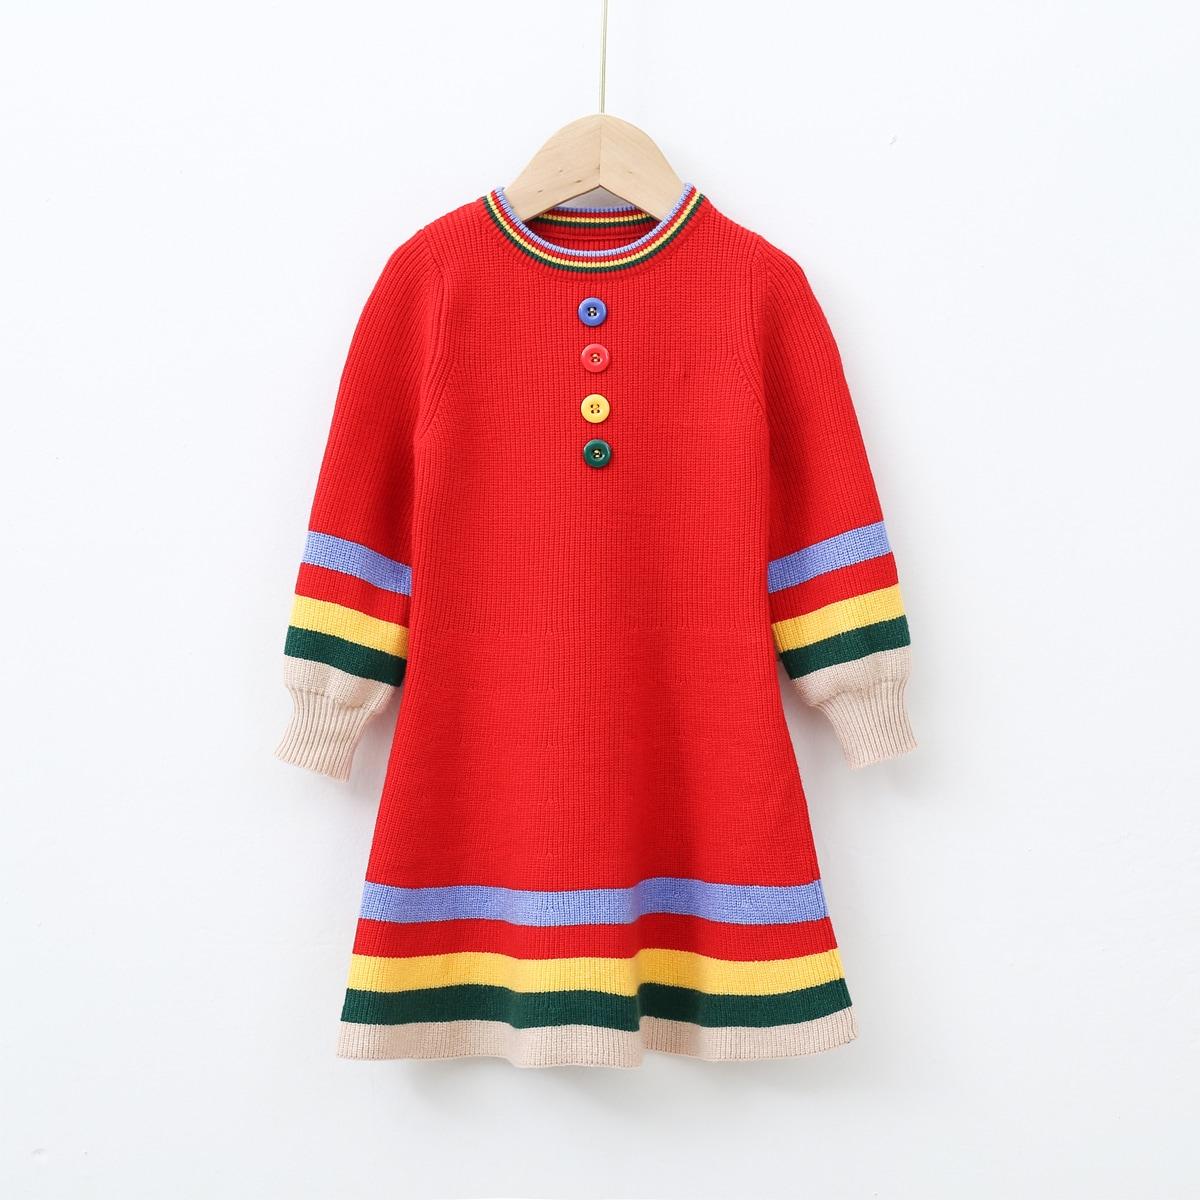 Полосатый повседневный трикотажные платья для девочек